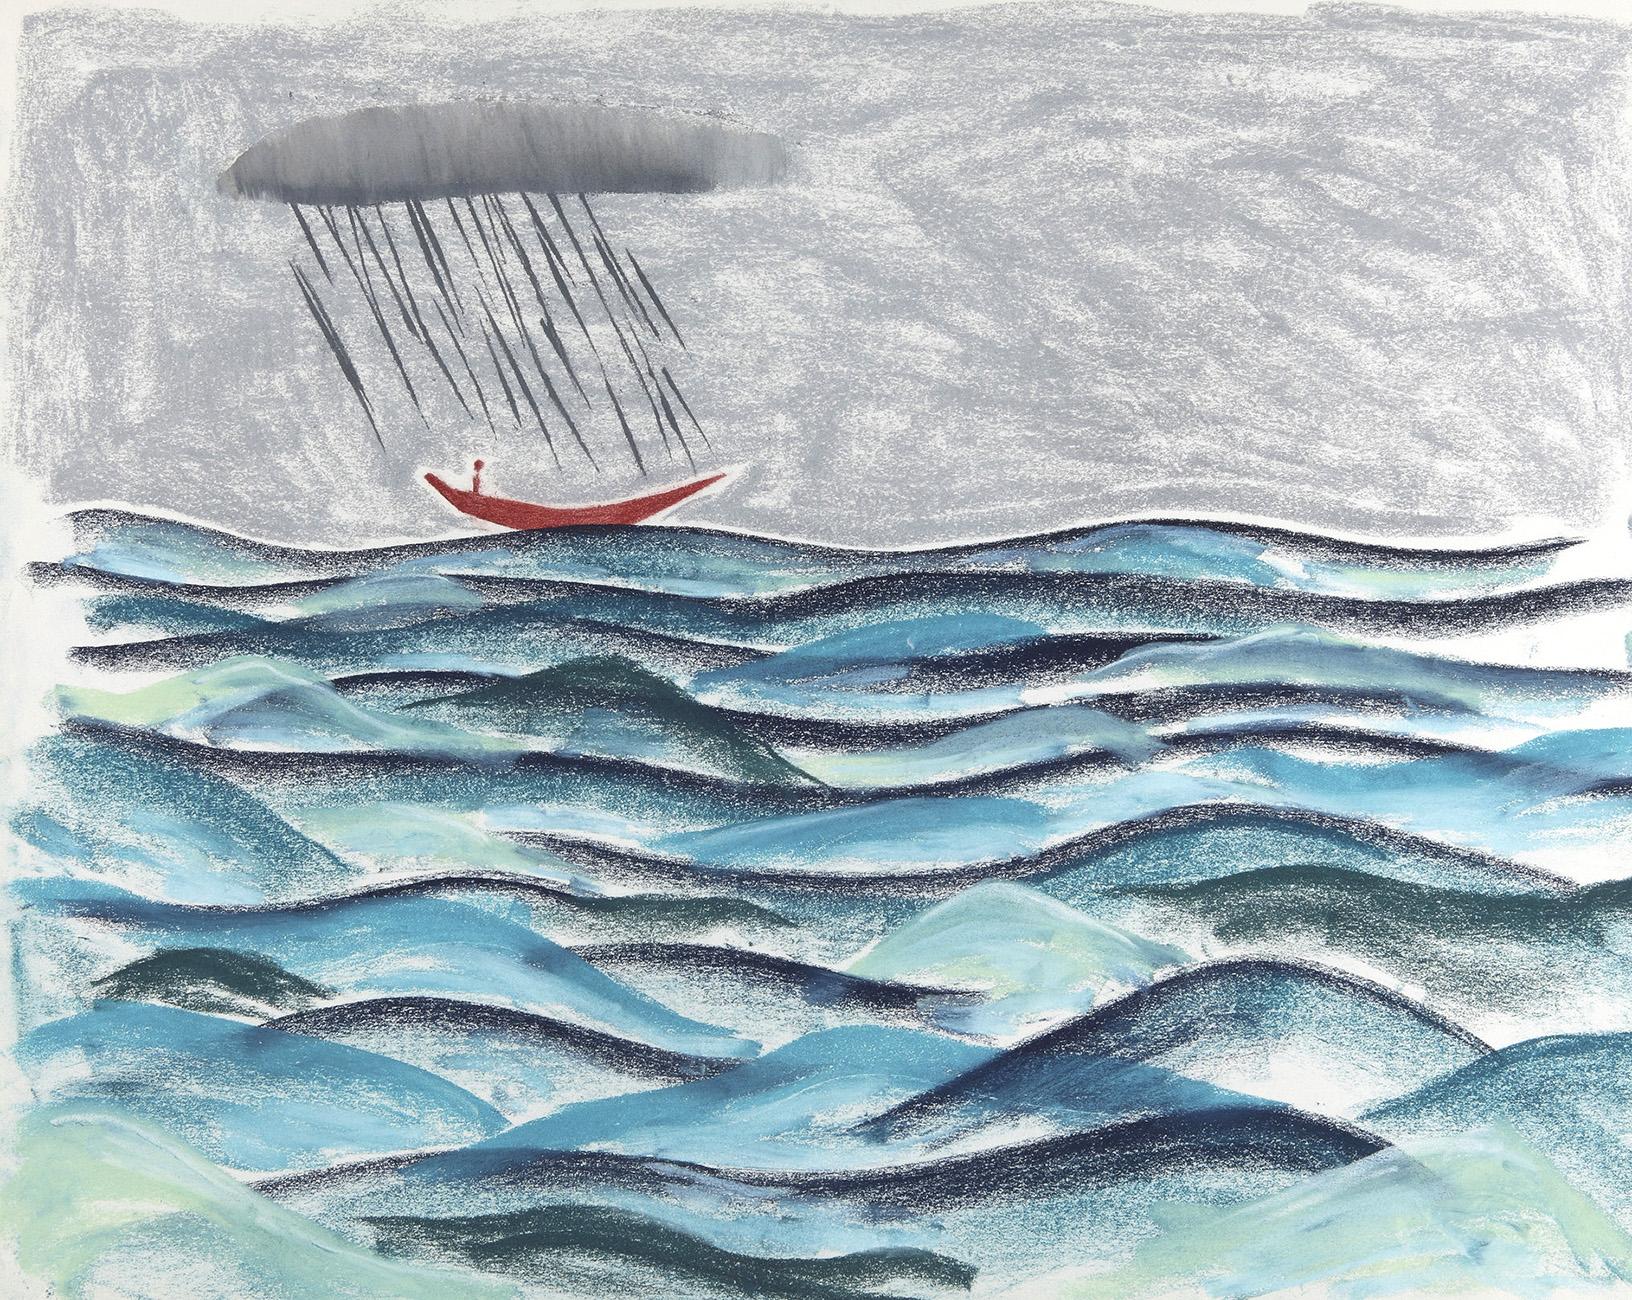 Geen titel 8 - potlood & pastelkrijt - 50x70 cm - €350